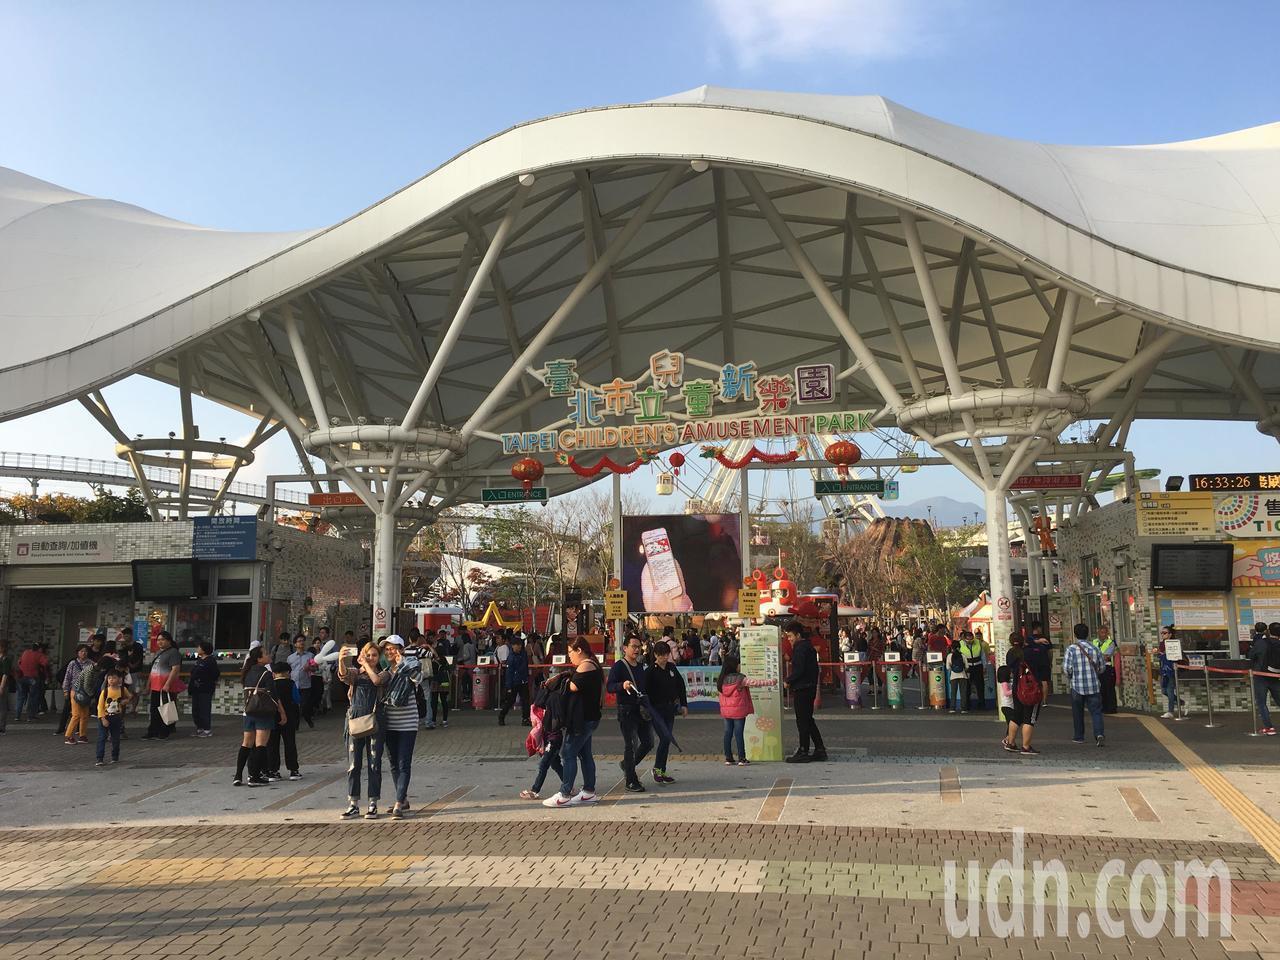 慶祝兒童節,台北捷運公司營運的兒童新樂園從3月30日到4月28日期間共12天假日...